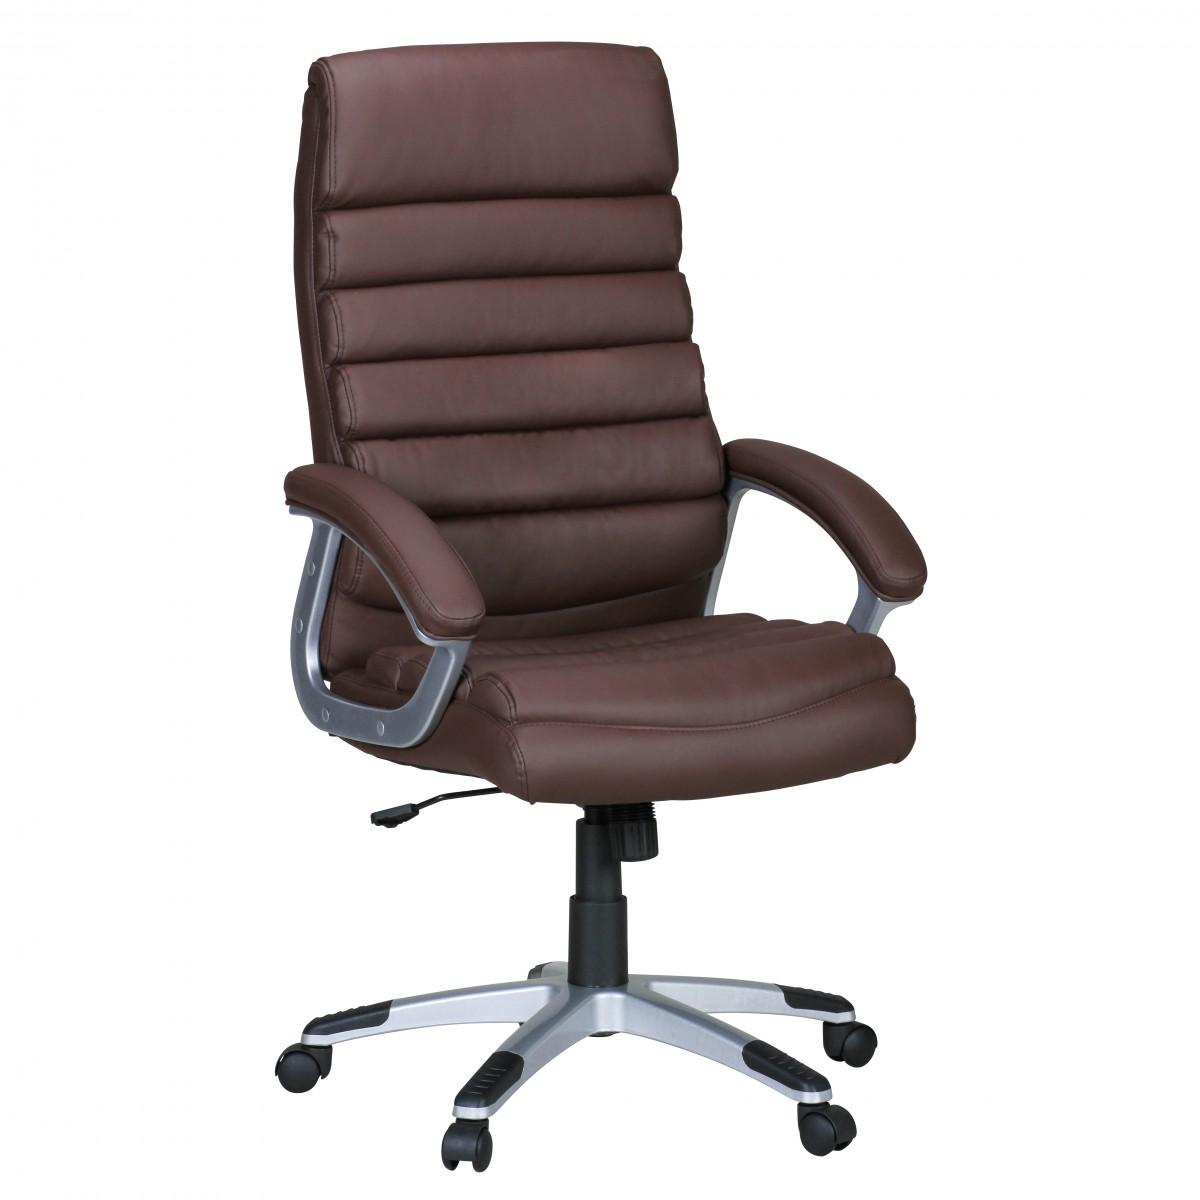 FineBuy Bürostuhl Drehstuhl Kunstleder Chefsessel Schreibtischstuhl Sessel Büro